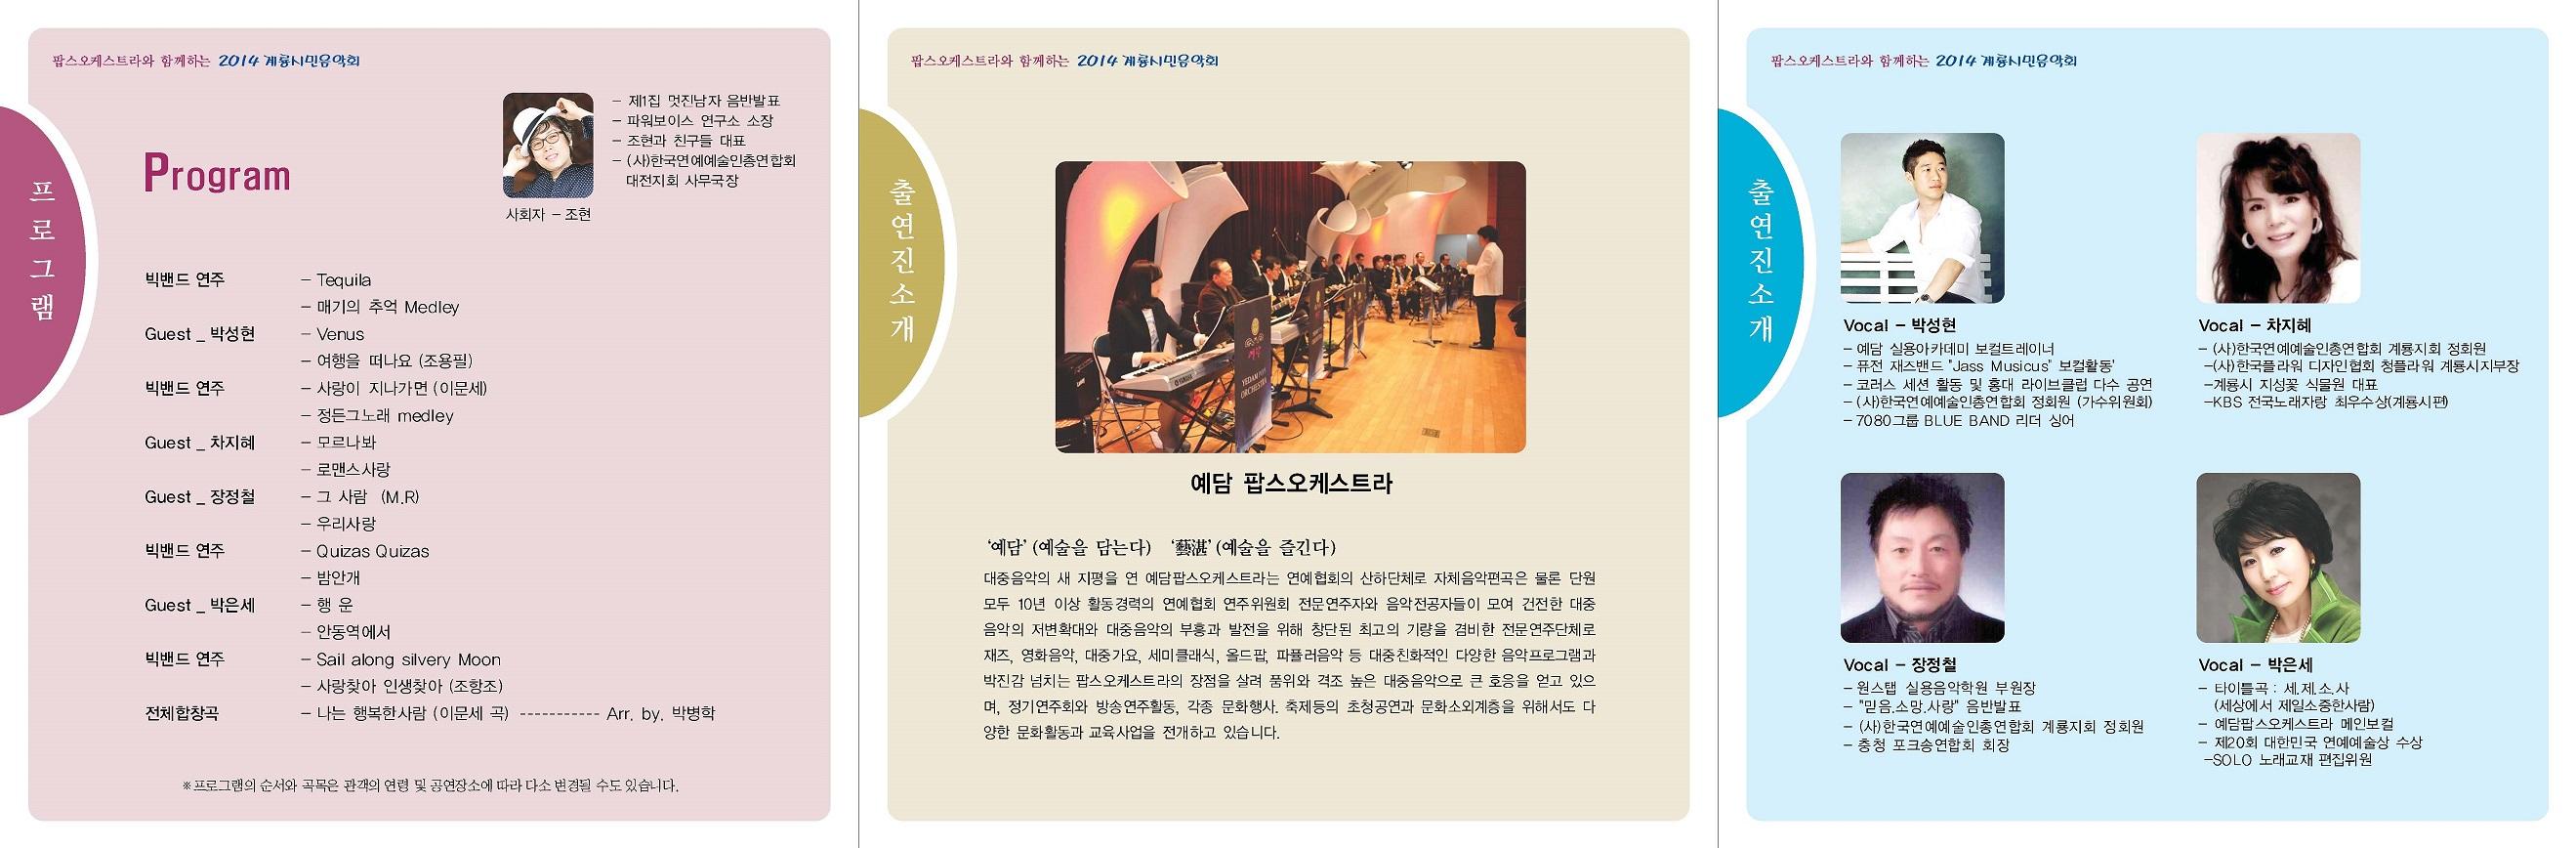 계룡시민음악회-뒤_2.jpg